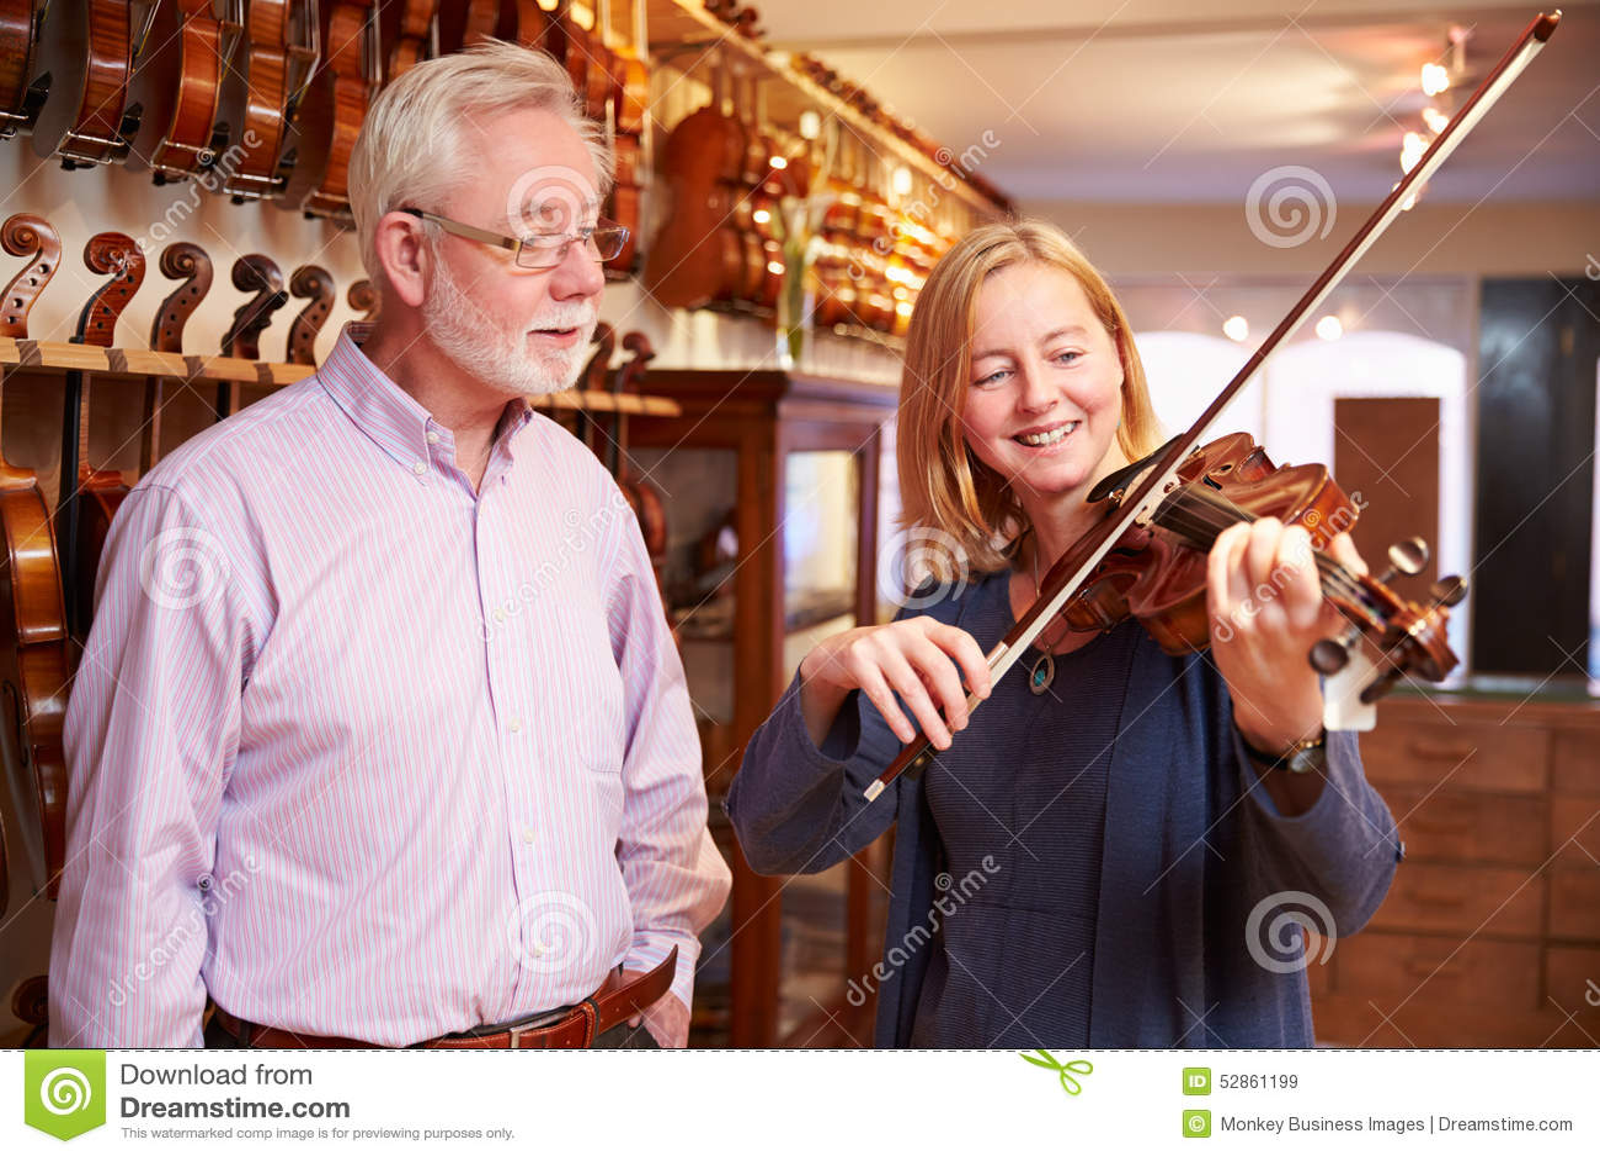 Klant die Viool in Music Store uitproberen